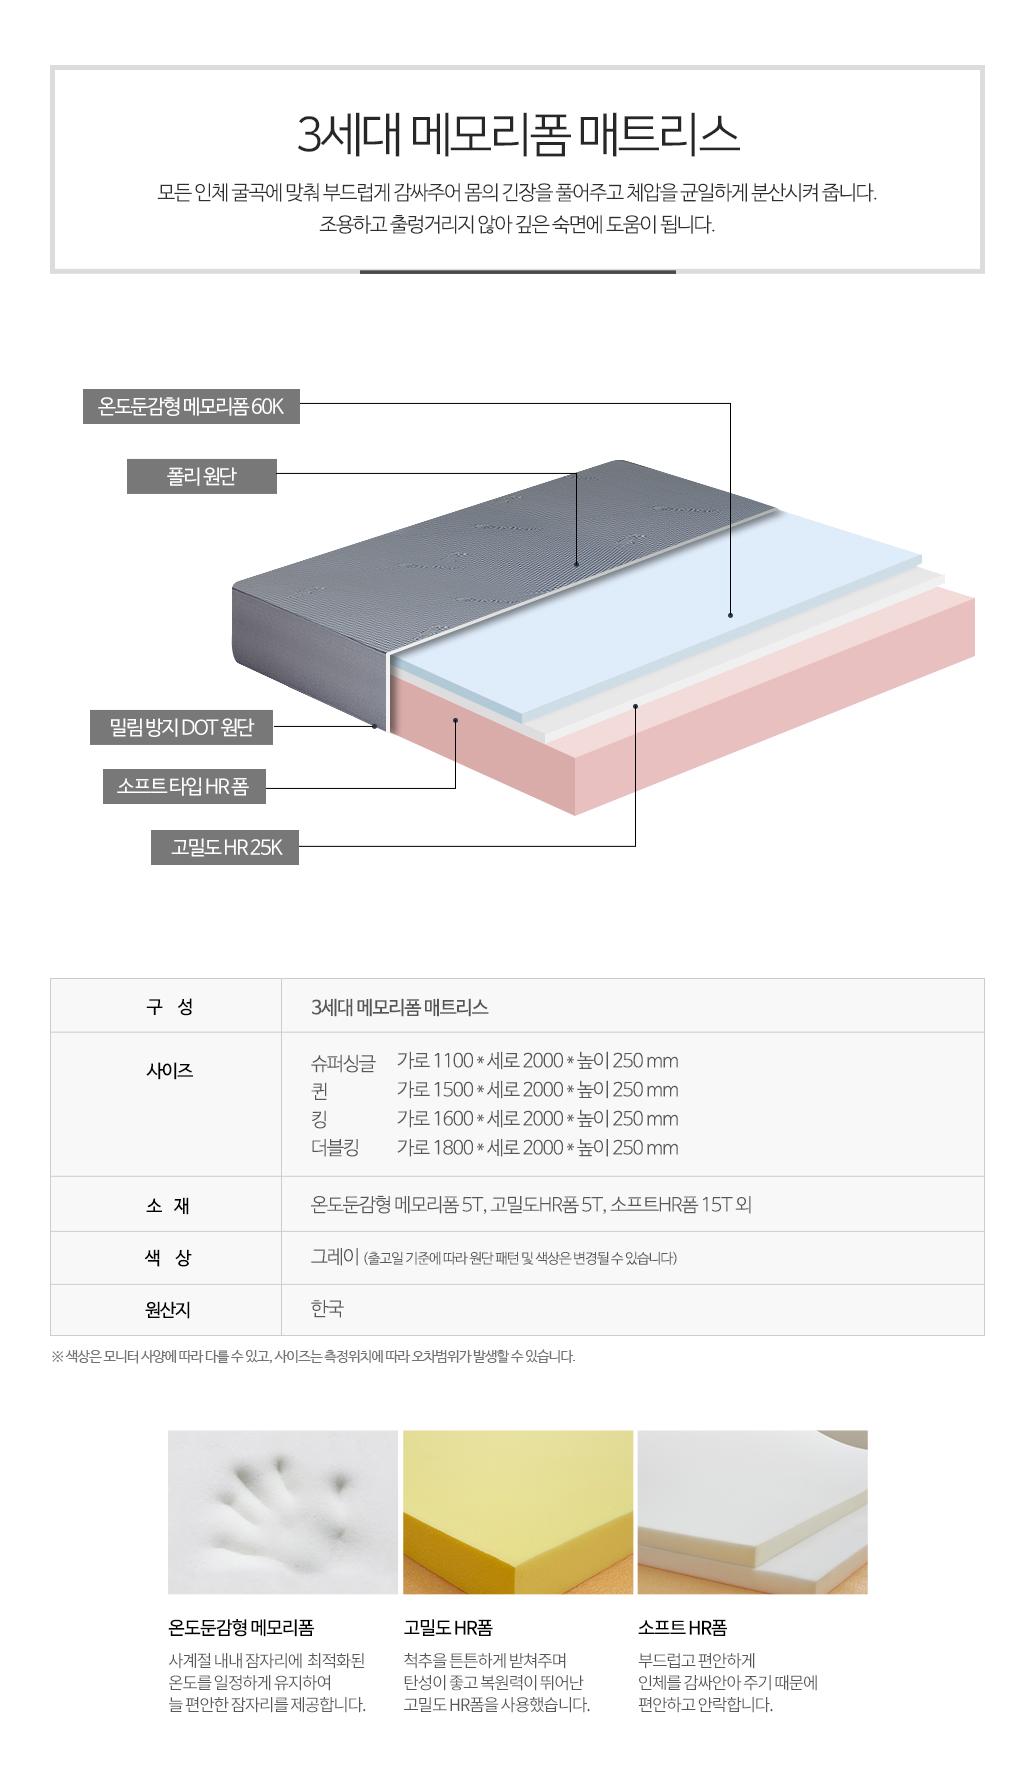 mattress_3.jpg